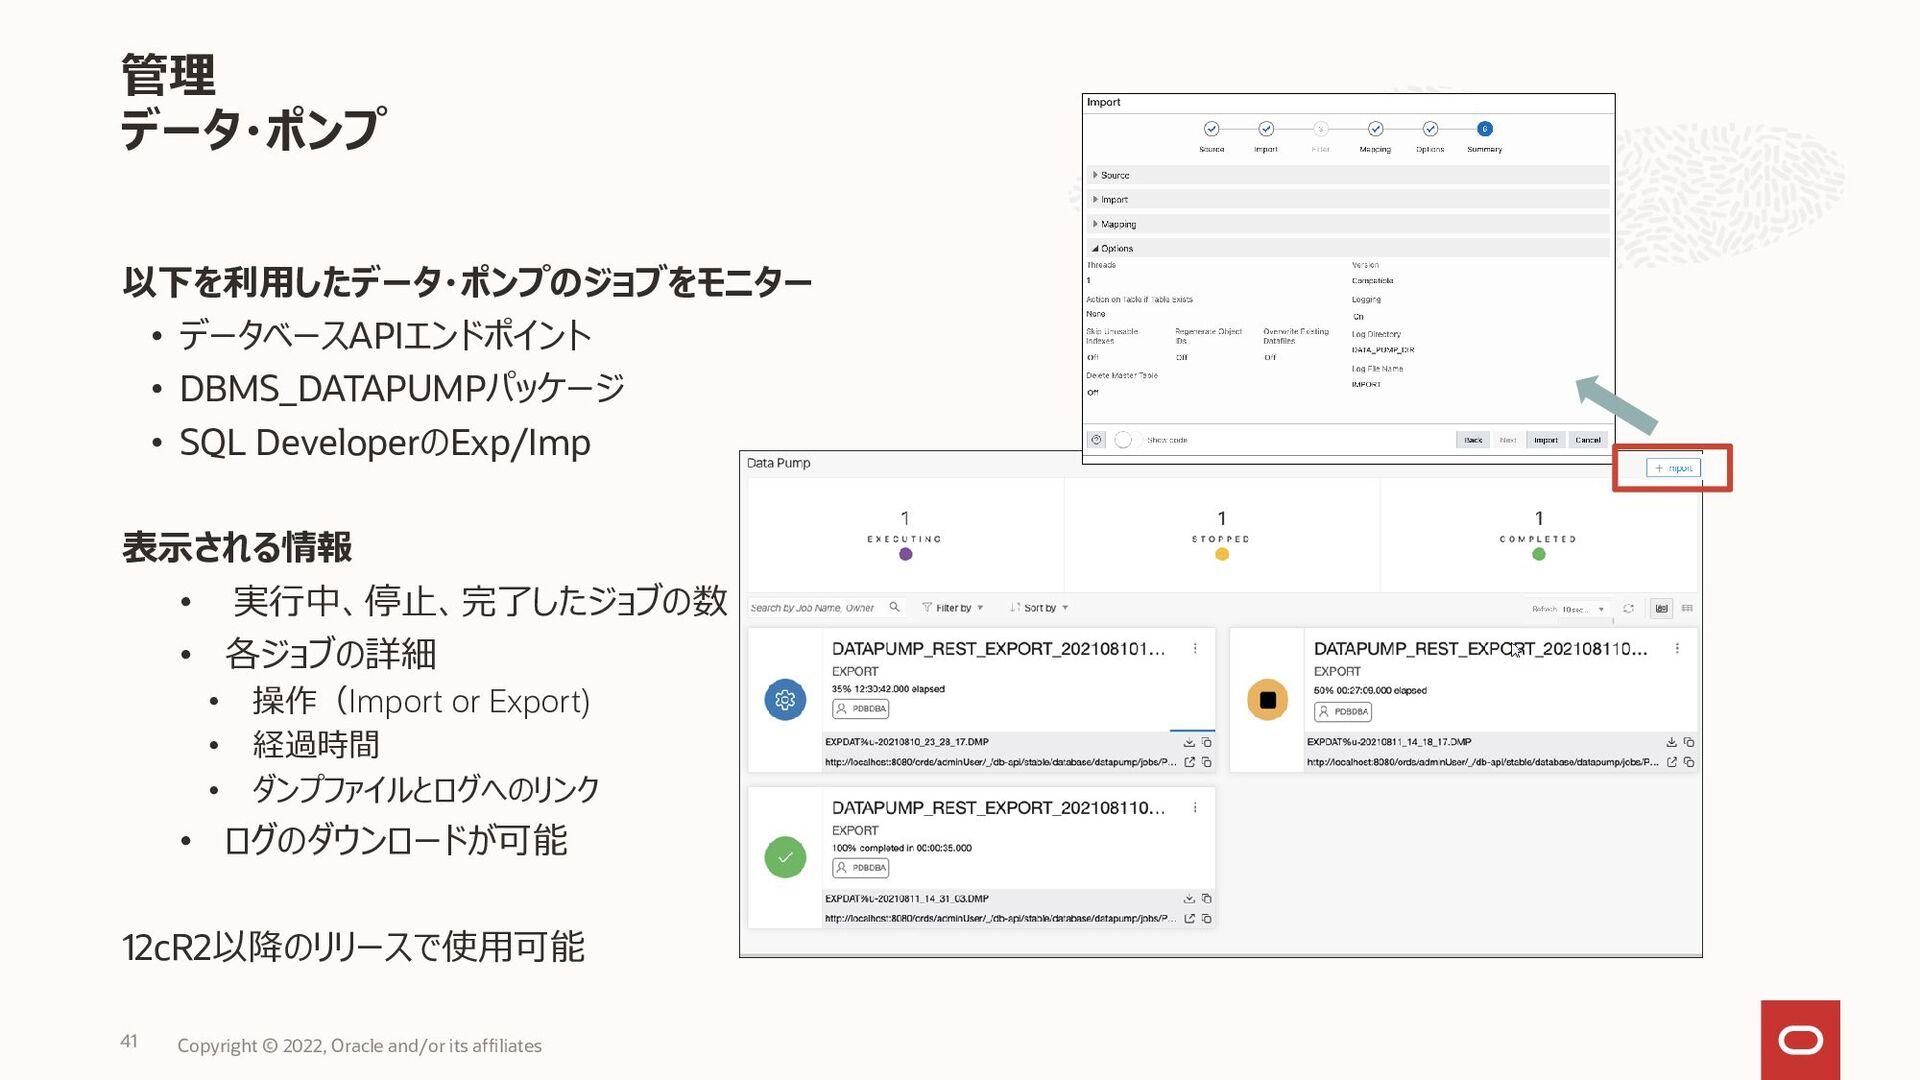 データベース・ユーザーに関わる管理タスクを実行 • ユーザーの作成、編集 • パスワード管理 ...